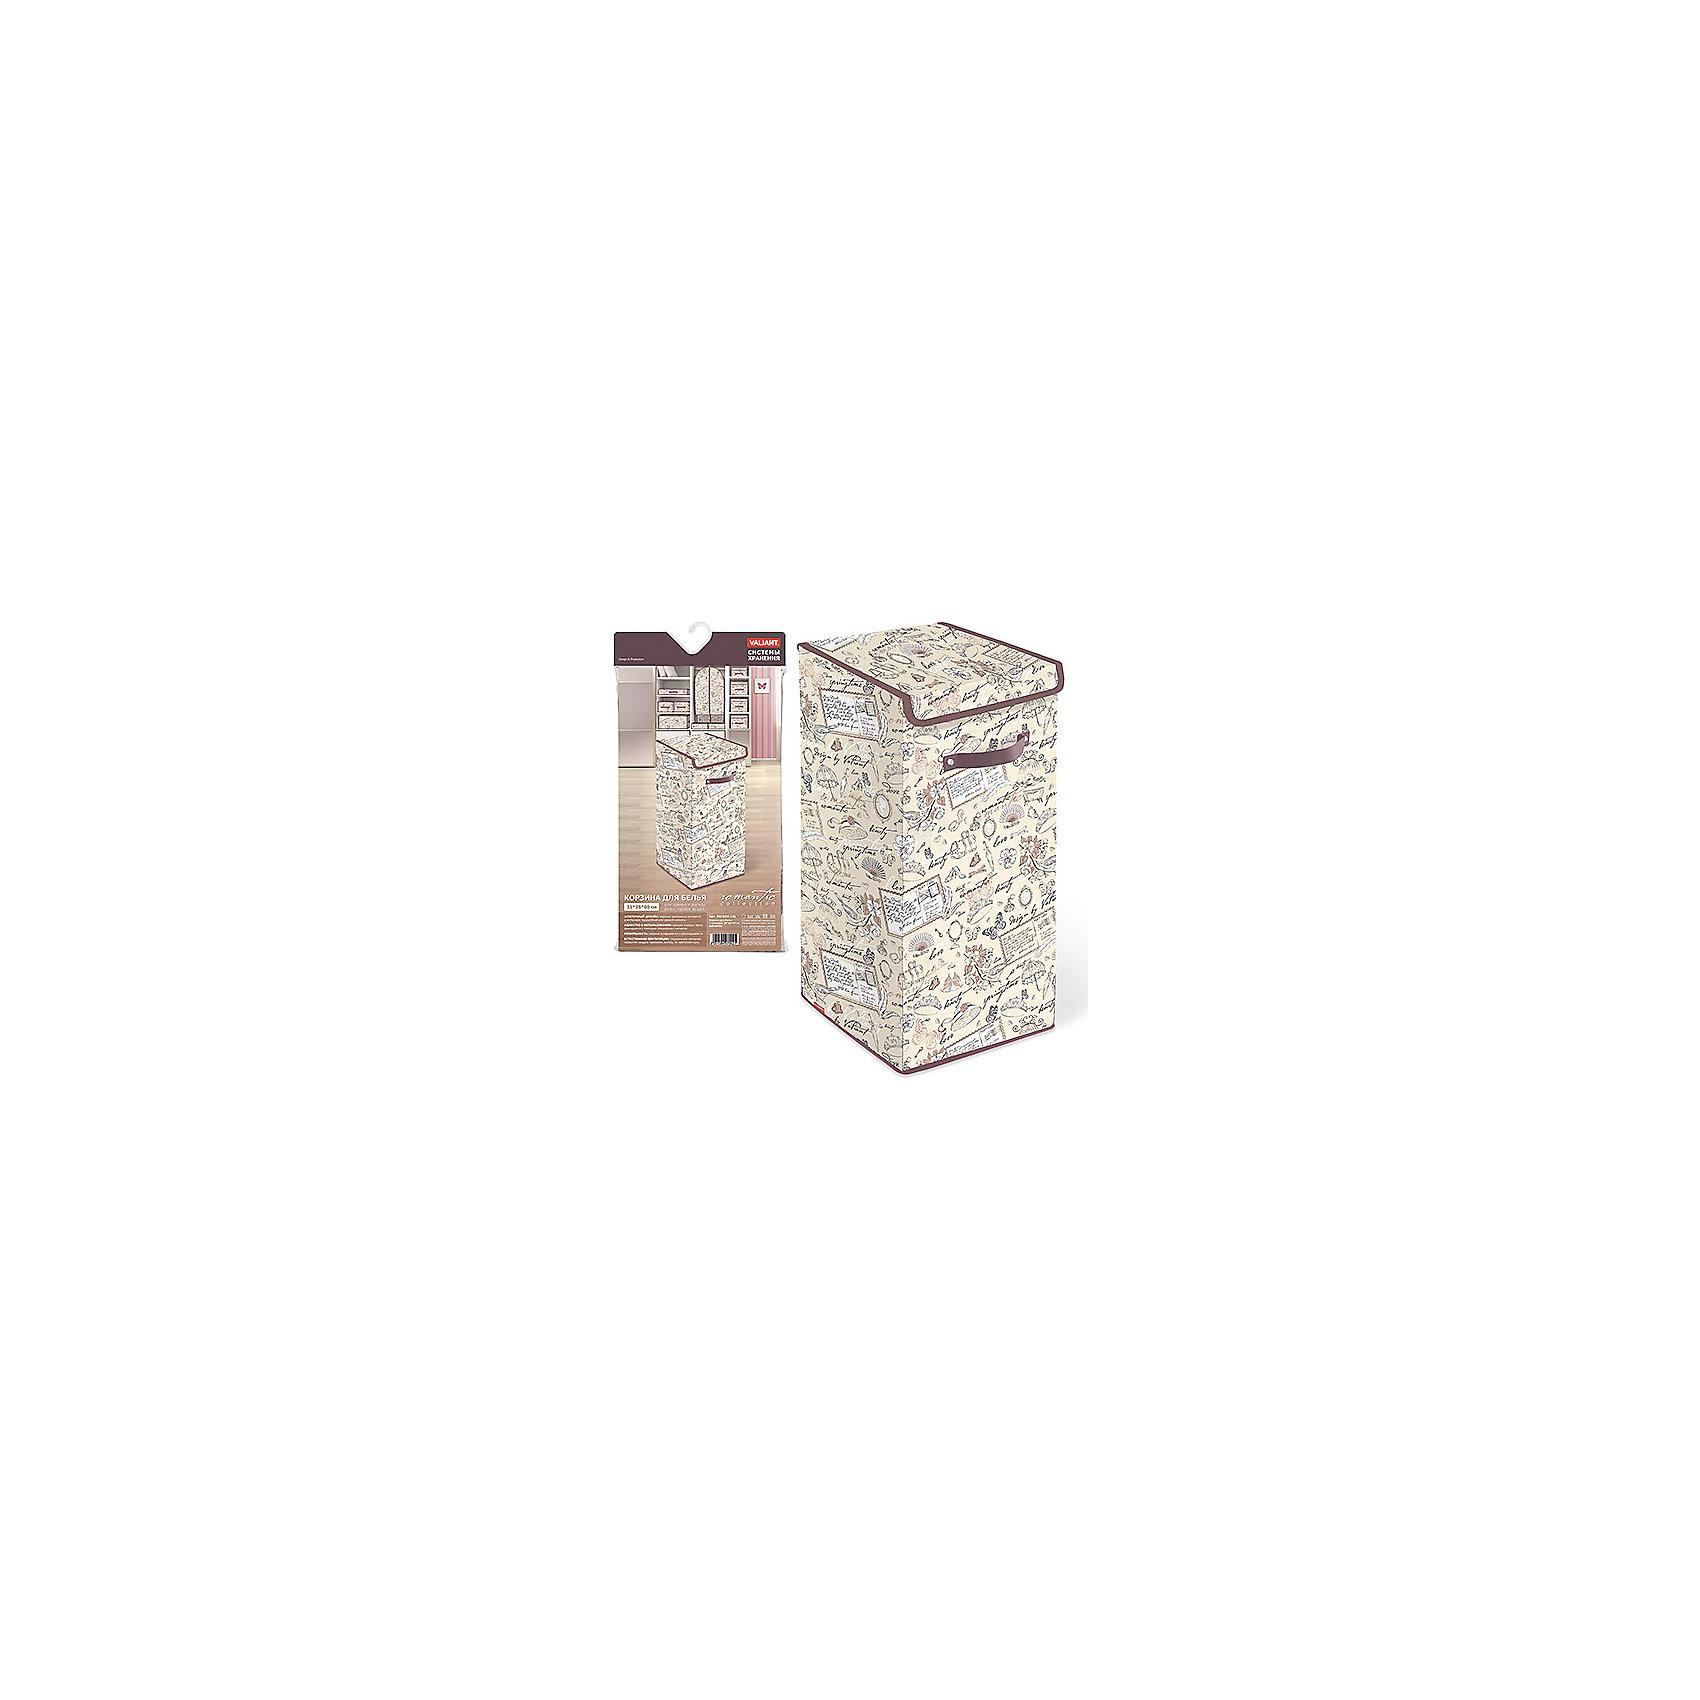 Корзина для белья с крышкой, 35*35*60 см, ROMANTIC, ValiantКорзины для белья<br>Корзина для белья с крышкой, 35*35*60 см, ROMANTIC, Valiant (Валиант) – это удобный аксессуар, обеспечивающий эстетичное хранение вещей.<br>Корзина для белья с крышкой ROMANTIC от Valiant (Валиант) гармонично смотрится в интерьере гардеробной или ванной комнаты. Она очень удобна и практична. Корзина идеально подойдет для сбора и хранения вещей перед стиркой. Она изготовлена из высококачественного нетканого материала, который обеспечивает естественную вентиляцию, позволяя воздуху проникать внутрь, но не пропускает пыль. Вставки из плотного картона хорошо держат форму. Крышка корзины фиксируется с помощью специальных магнитов. Наличие ручки позволяет легко перемещать корзину. Изделие отличается мобильностью: легко раскладывается и складывается. Корзина для белья с крышкой ROMANTIC от Valiant (Валиант) оформлена оригинальным нежным, изящным рисунком. Она создаст трогательную атмосферу романтического настроения и станет незаменимым аксессуаром.<br><br>Дополнительная информация:<br><br>- Размер: 35х35х60 см.<br>- Материал: нетканый материал, картон<br>- Цвет: пепельно-розовый, сиреневый<br><br>Корзину для белья с крышкой, 35*35*60 см, ROMANTIC, Valiant (Валиант) можно купить в нашем интернет-магазине.<br><br>Ширина мм: 350<br>Глубина мм: 25<br>Высота мм: 710<br>Вес г: 1525<br>Возраст от месяцев: 36<br>Возраст до месяцев: 1080<br>Пол: Унисекс<br>Возраст: Детский<br>SKU: 4993462